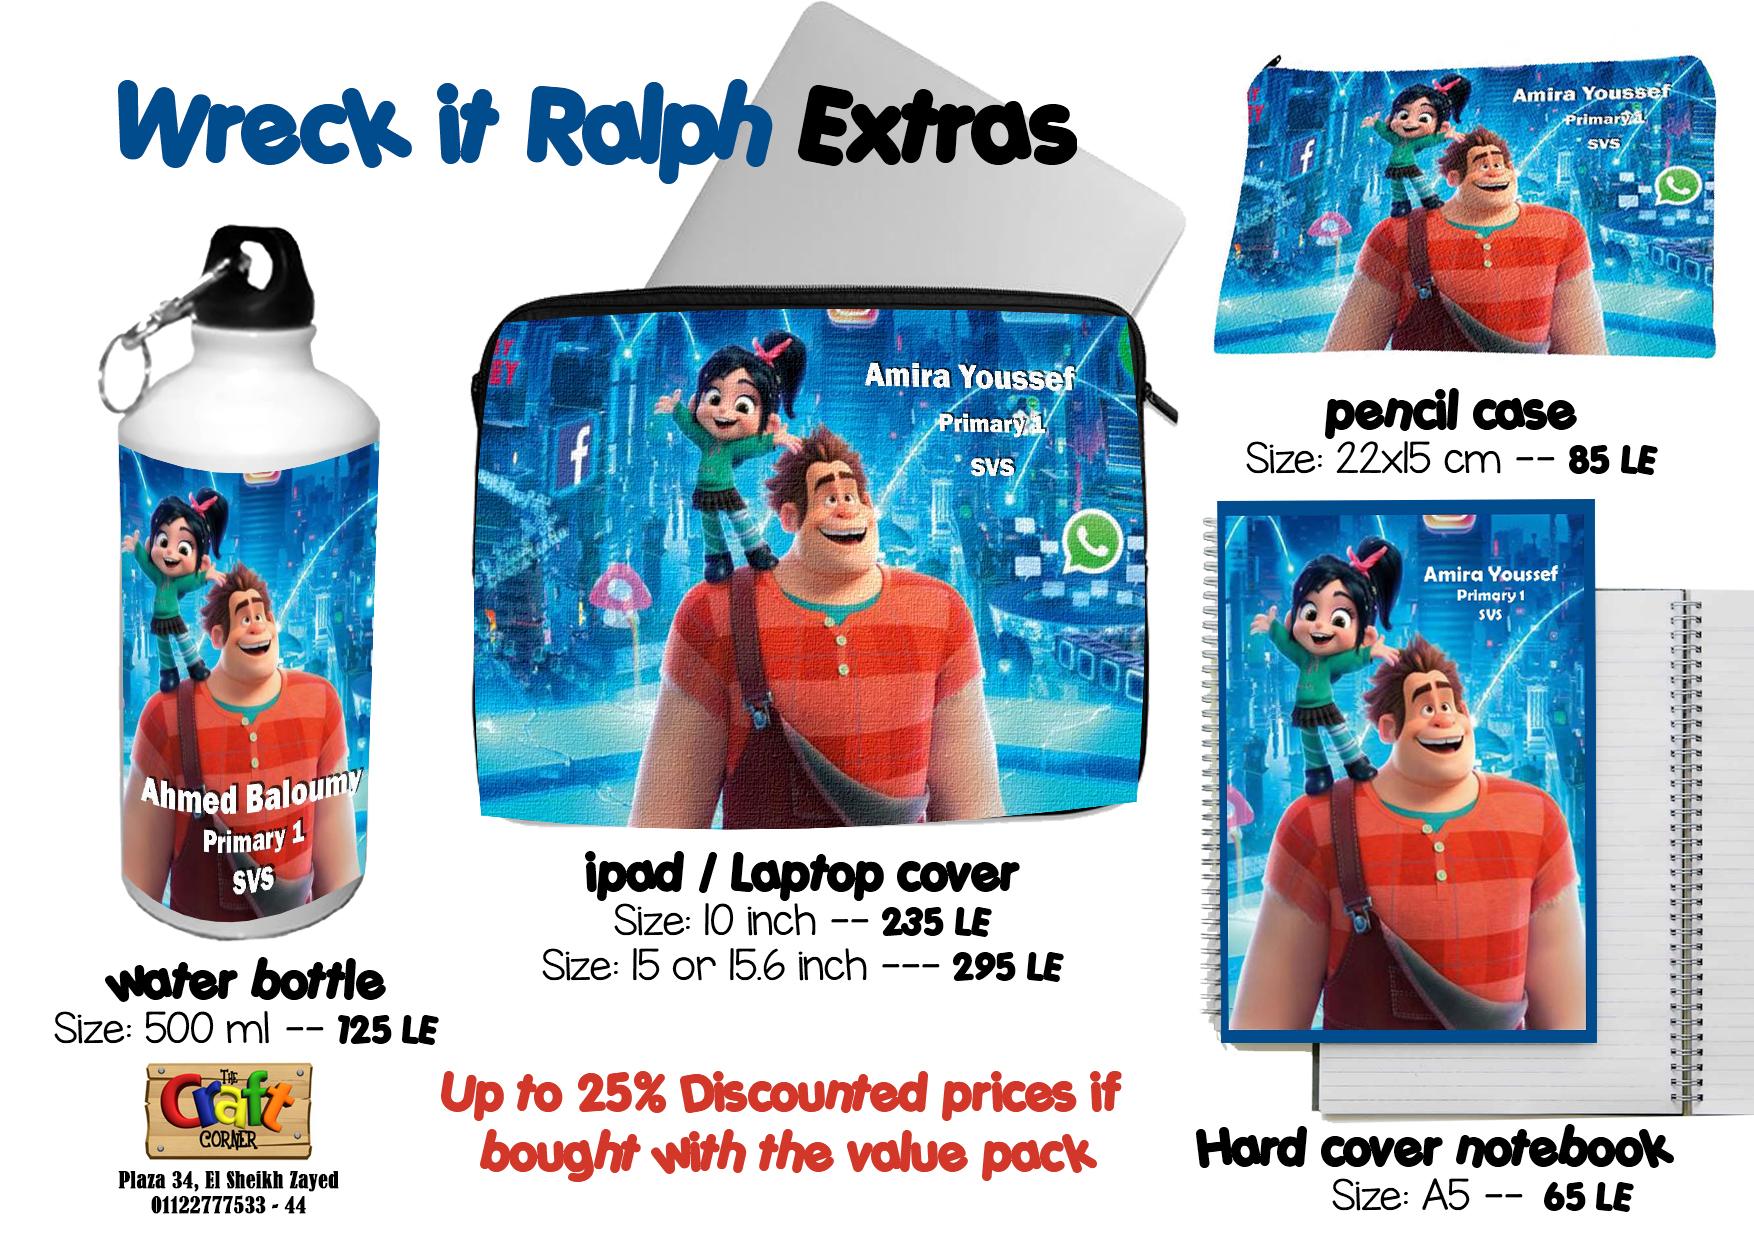 wreck it ralph Extras